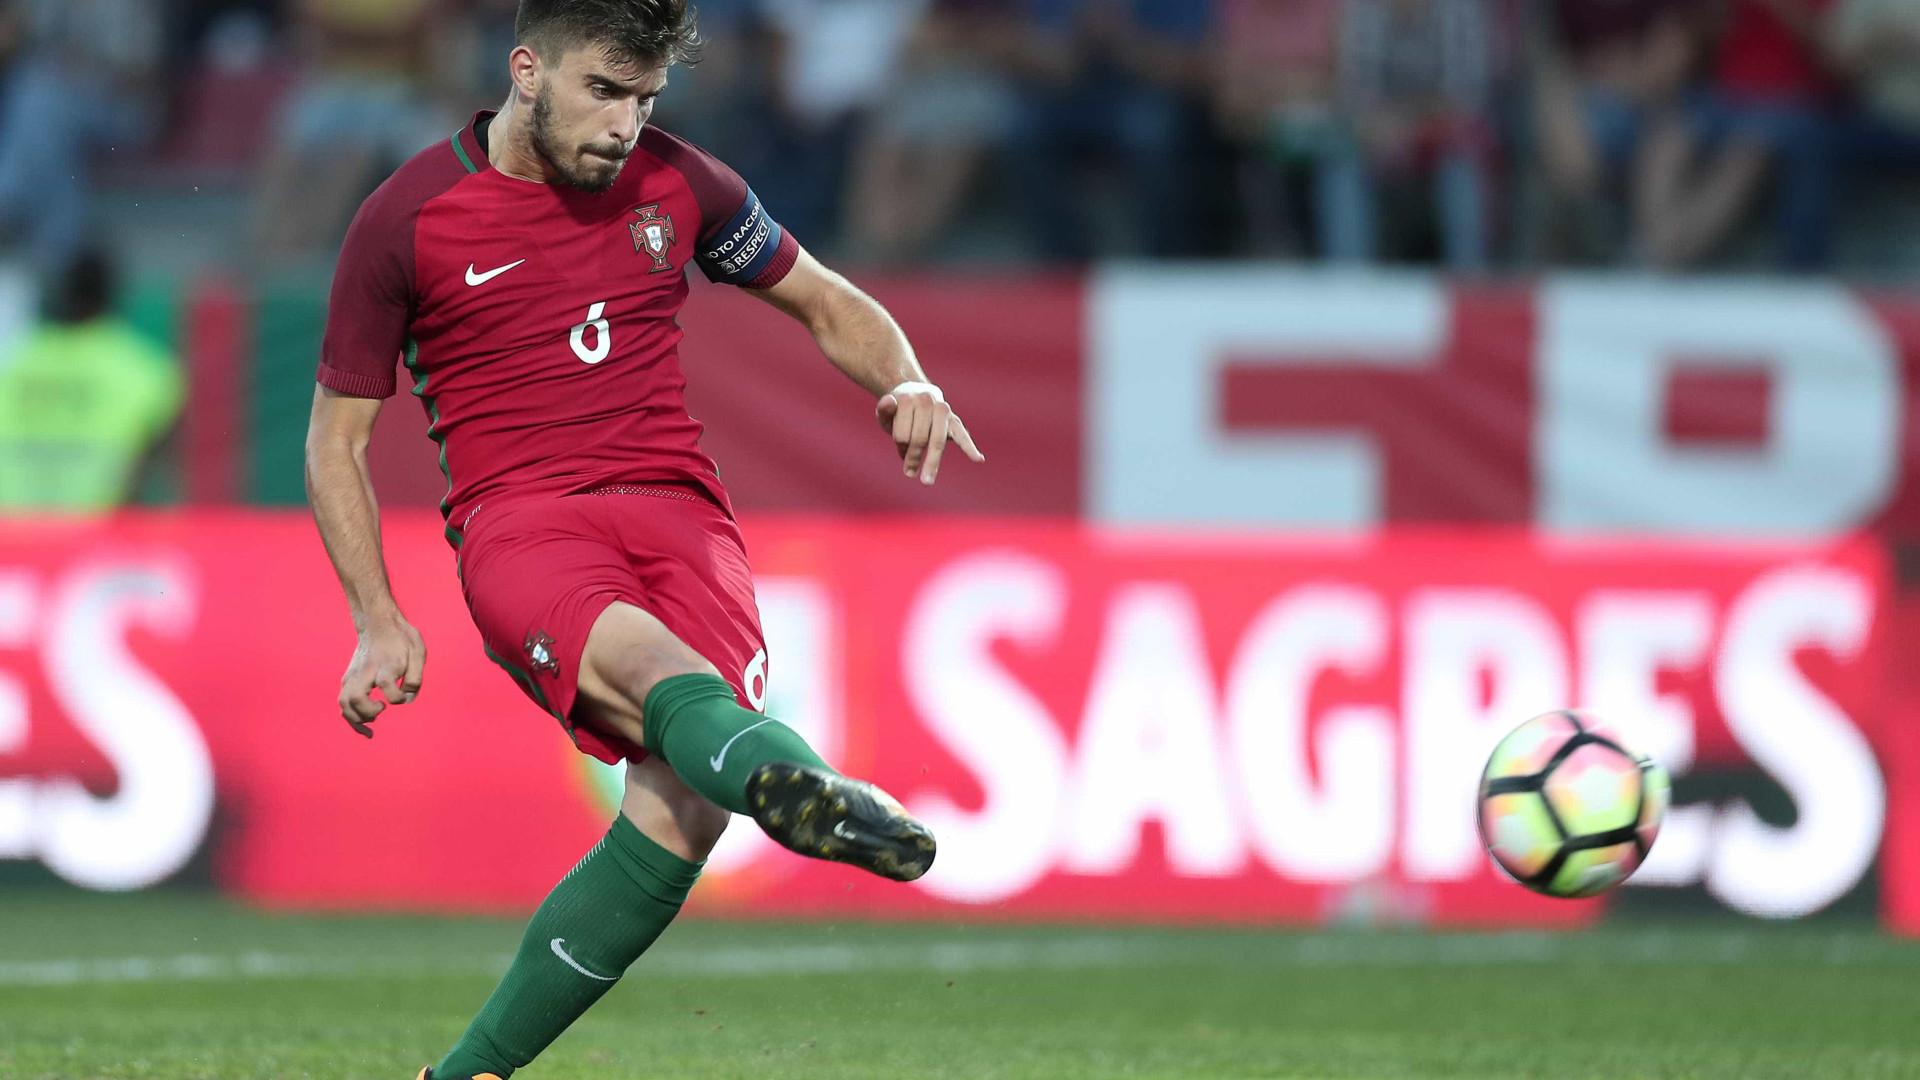 Bósnia surpreende Portugal na qualificação para o Euro'2019